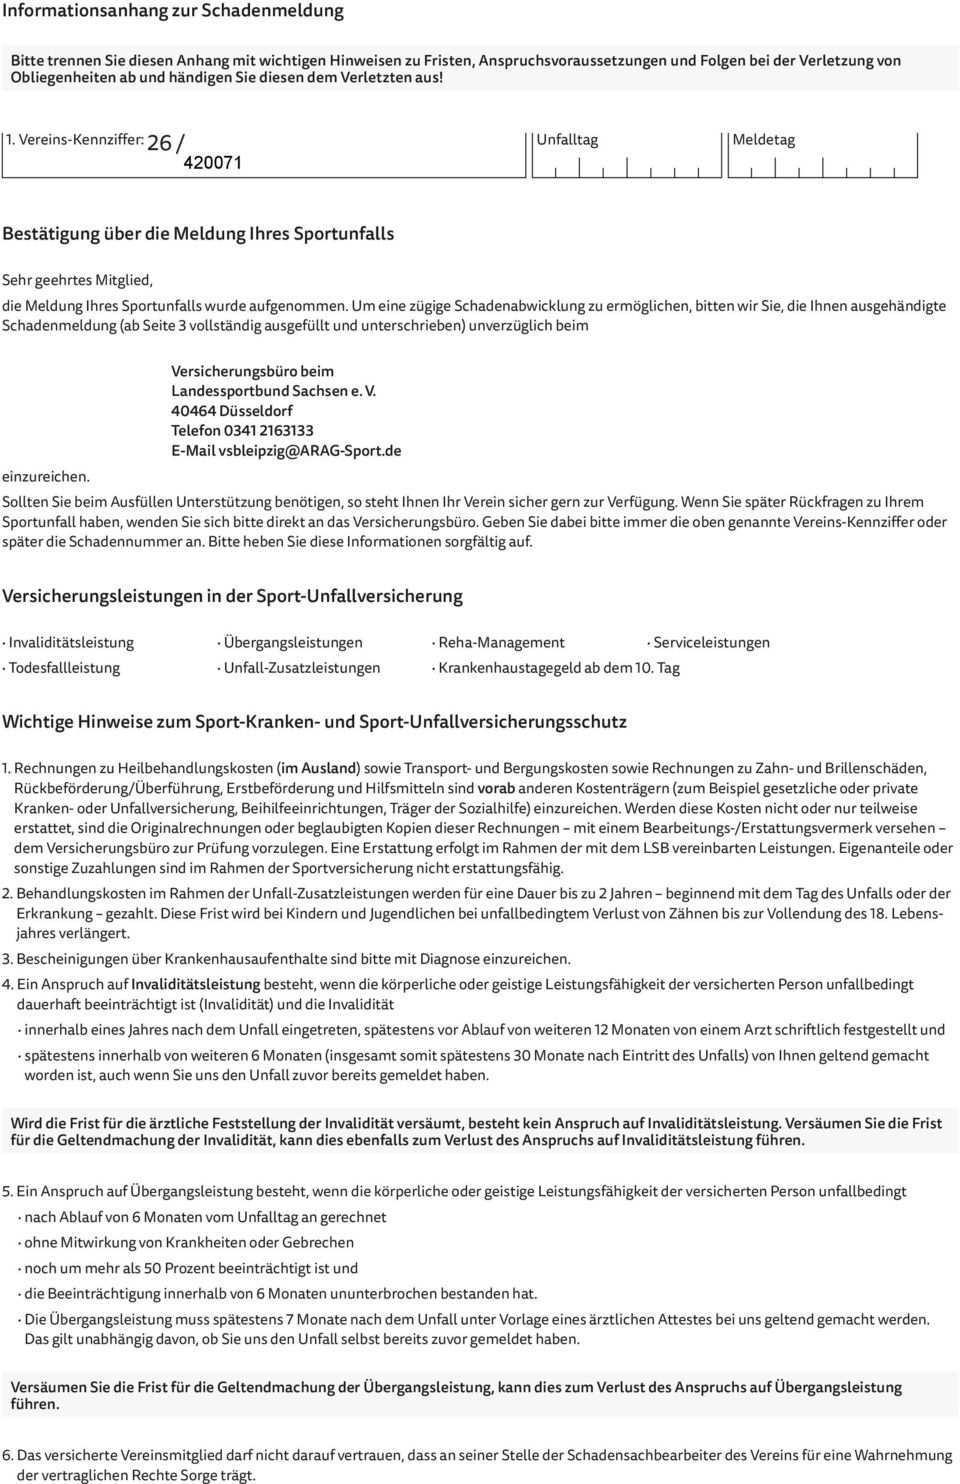 Sport Schadenmeldung Versicherungsburo Beim Landessportbund Sachsen E V 1 Angaben Des Vereins Verbands Zum Verletzten Pdf Free Download